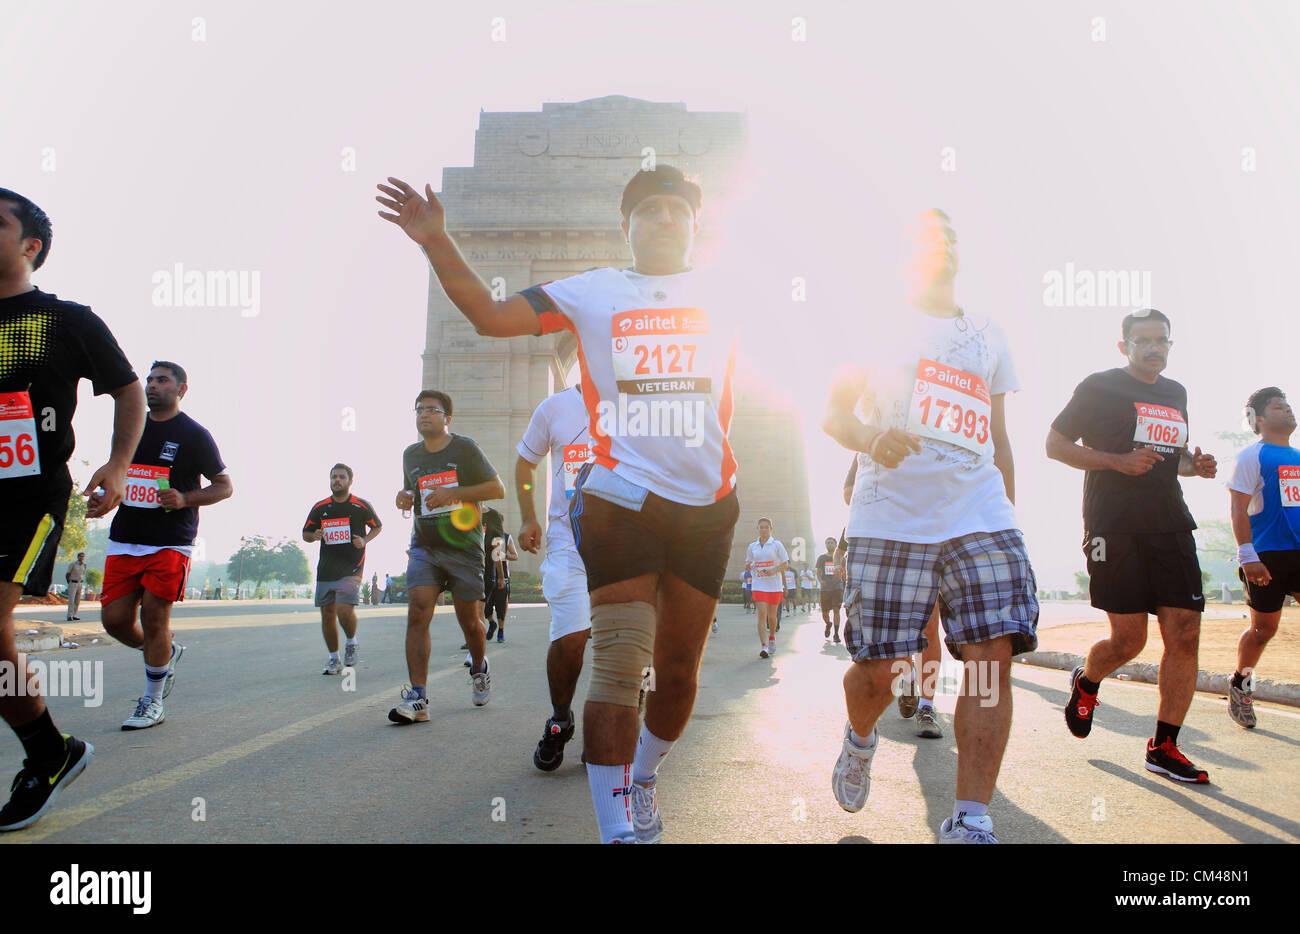 Sept. 30, Teilnahme 2012 - Neu-Delhi, Indien - Delhi-Bewohner in Neu-Delhi-Halbmarathon als sie laufen durch das Wahrzeichen New Delhi, India Gate. (Kredit-Bild: © Subhash Sharma/ZUMAPRESS.com) Stockfoto